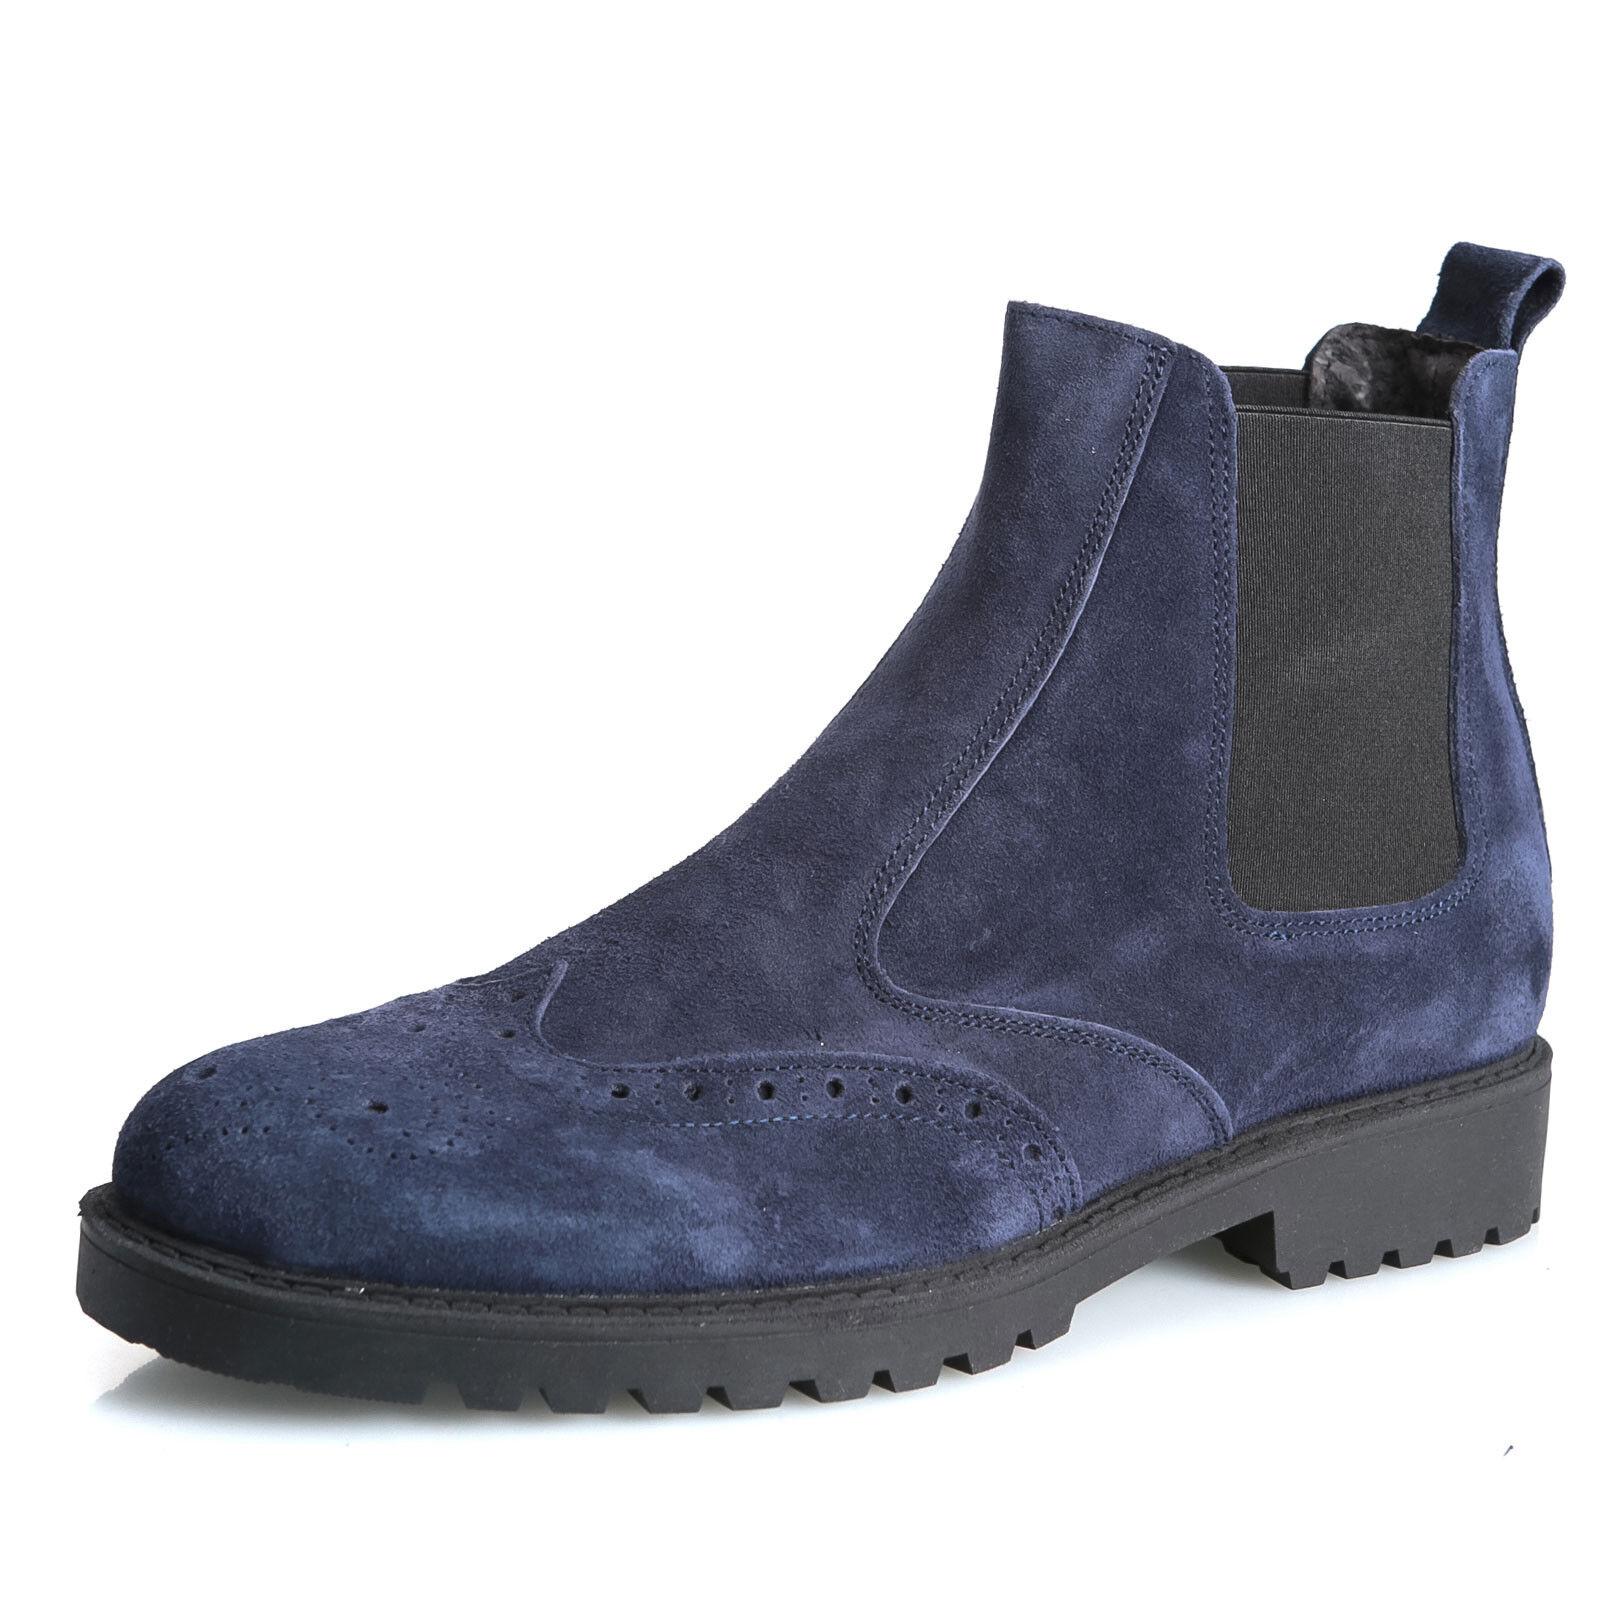 MFORSHOP scarpe made uomo stivaletto vera pelle scamosciato made scarpe Italy chelsea 0371 73939e